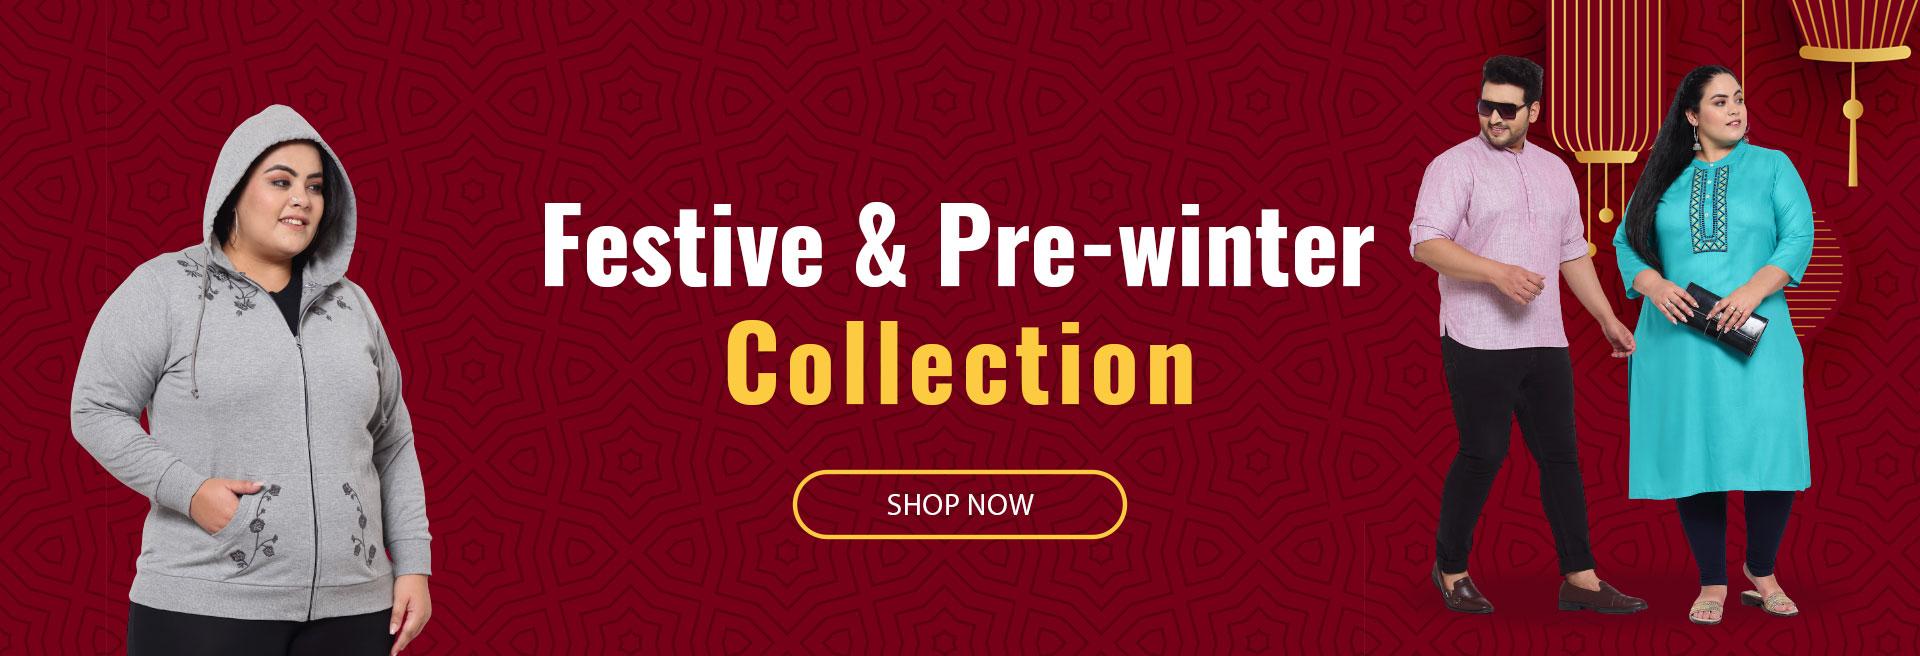 Festive & Pre-winter